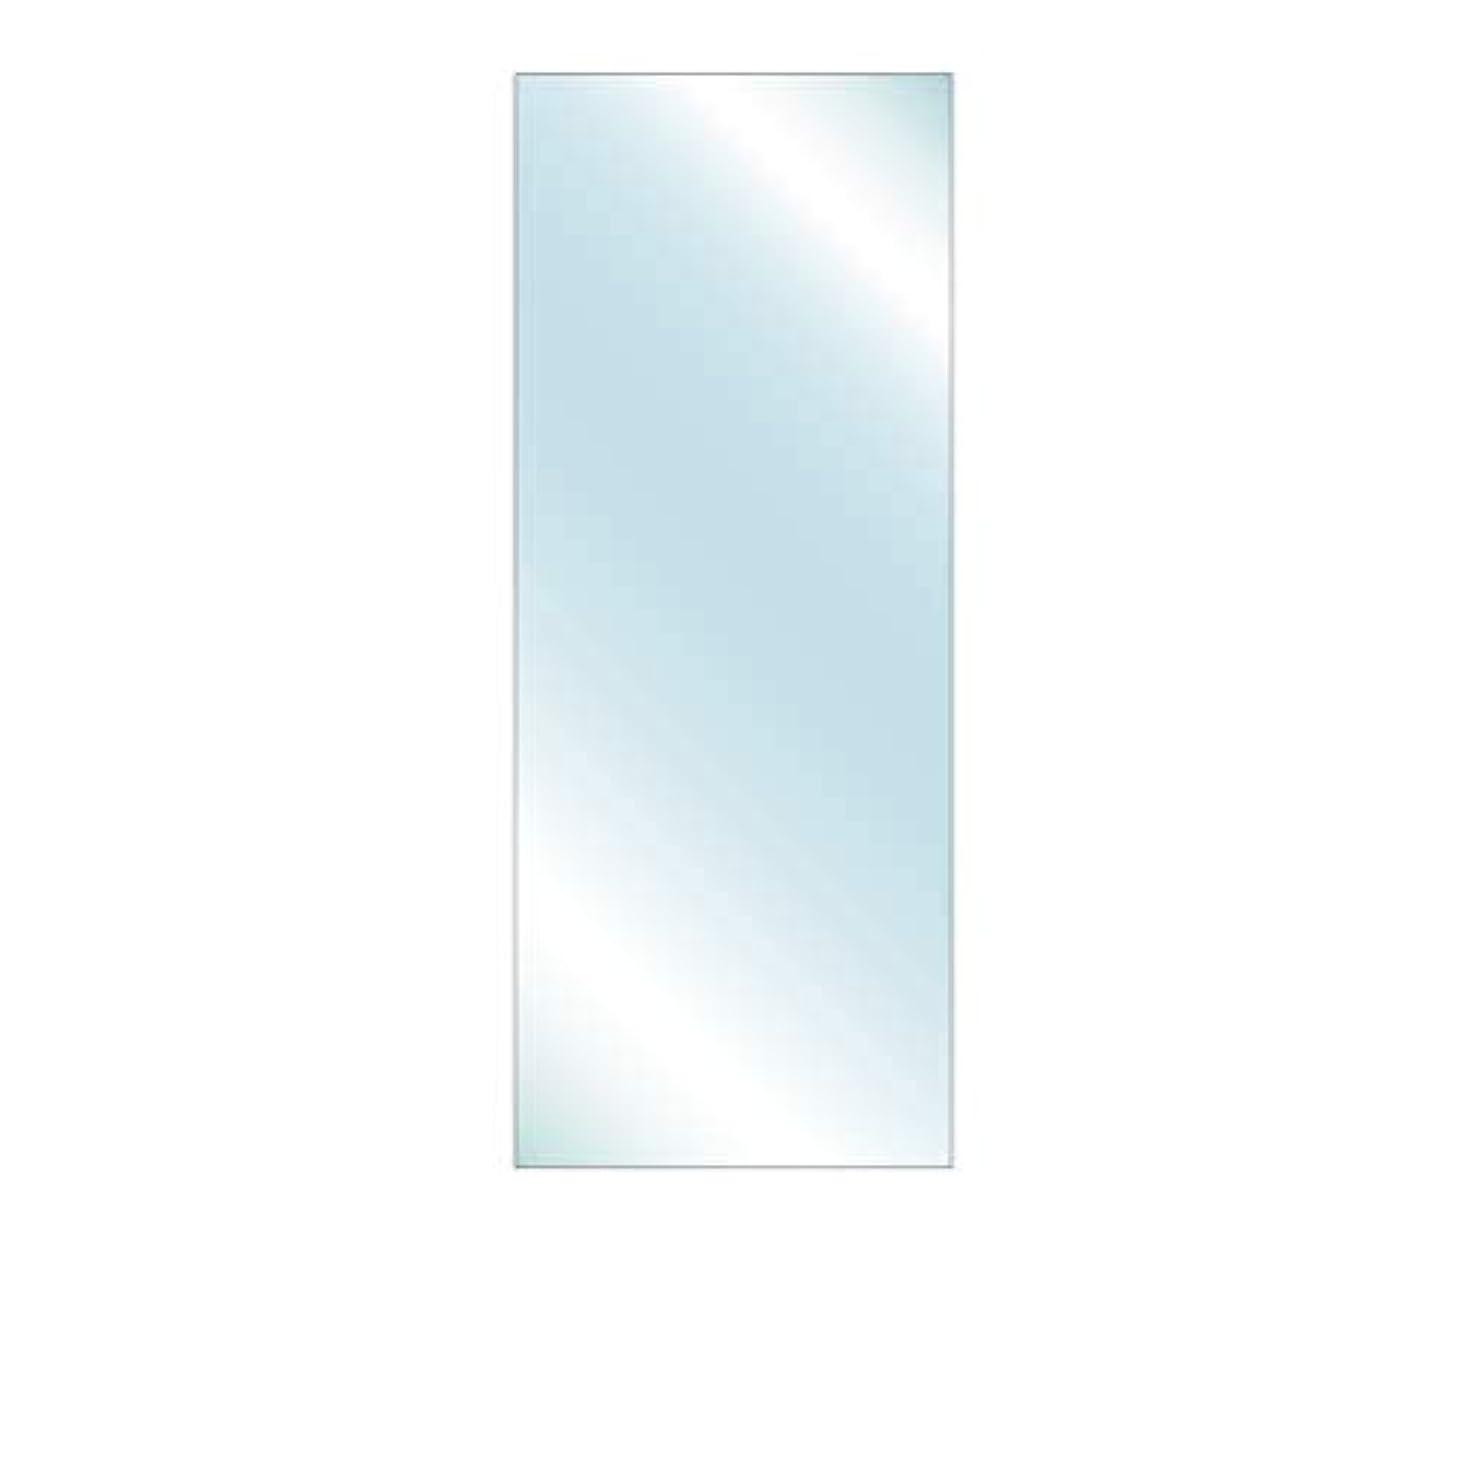 悪化させるくるみ野球強化ガラス 安全ガラス 厚み5mm 400×1000mm 四角形 アラズリ サイズオーダー対応